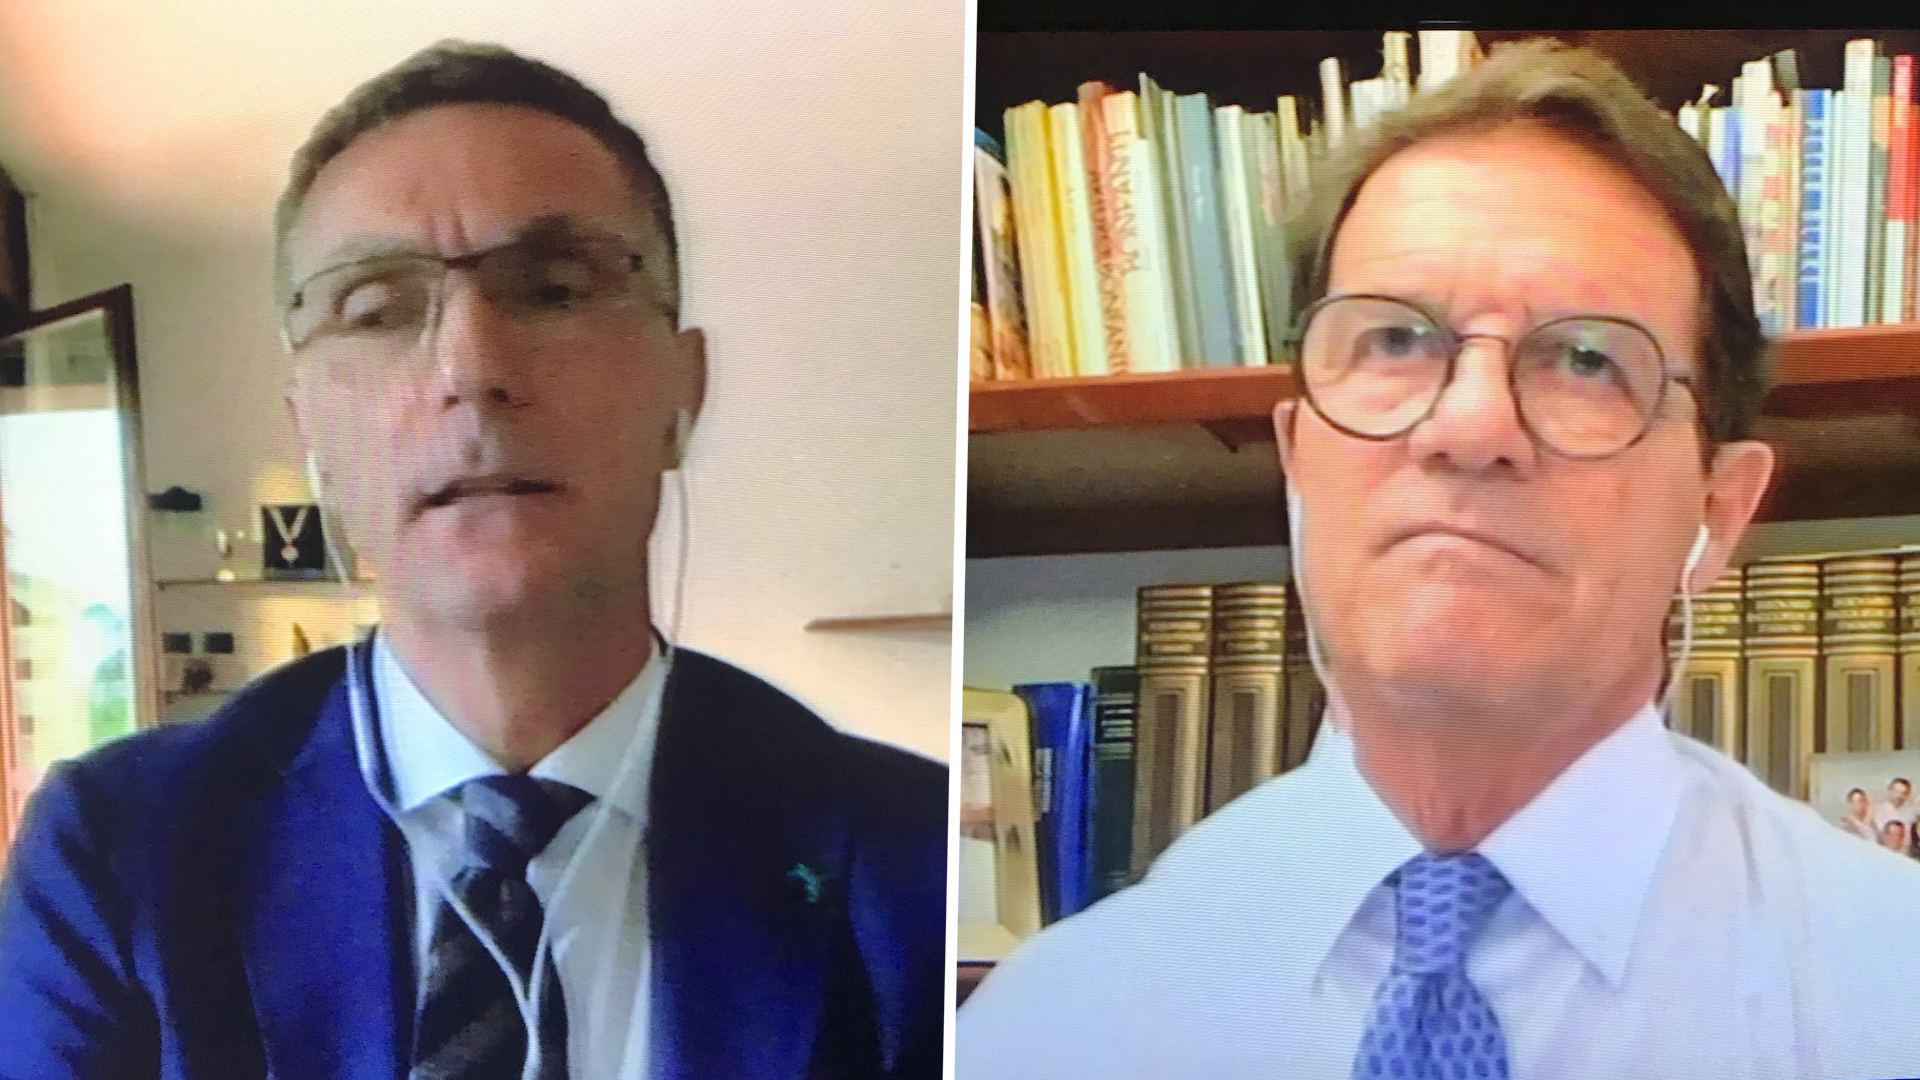 Clamoroso litigio Bergomi vs Capello a 'Sky': ''Vuoi l'applauso?''